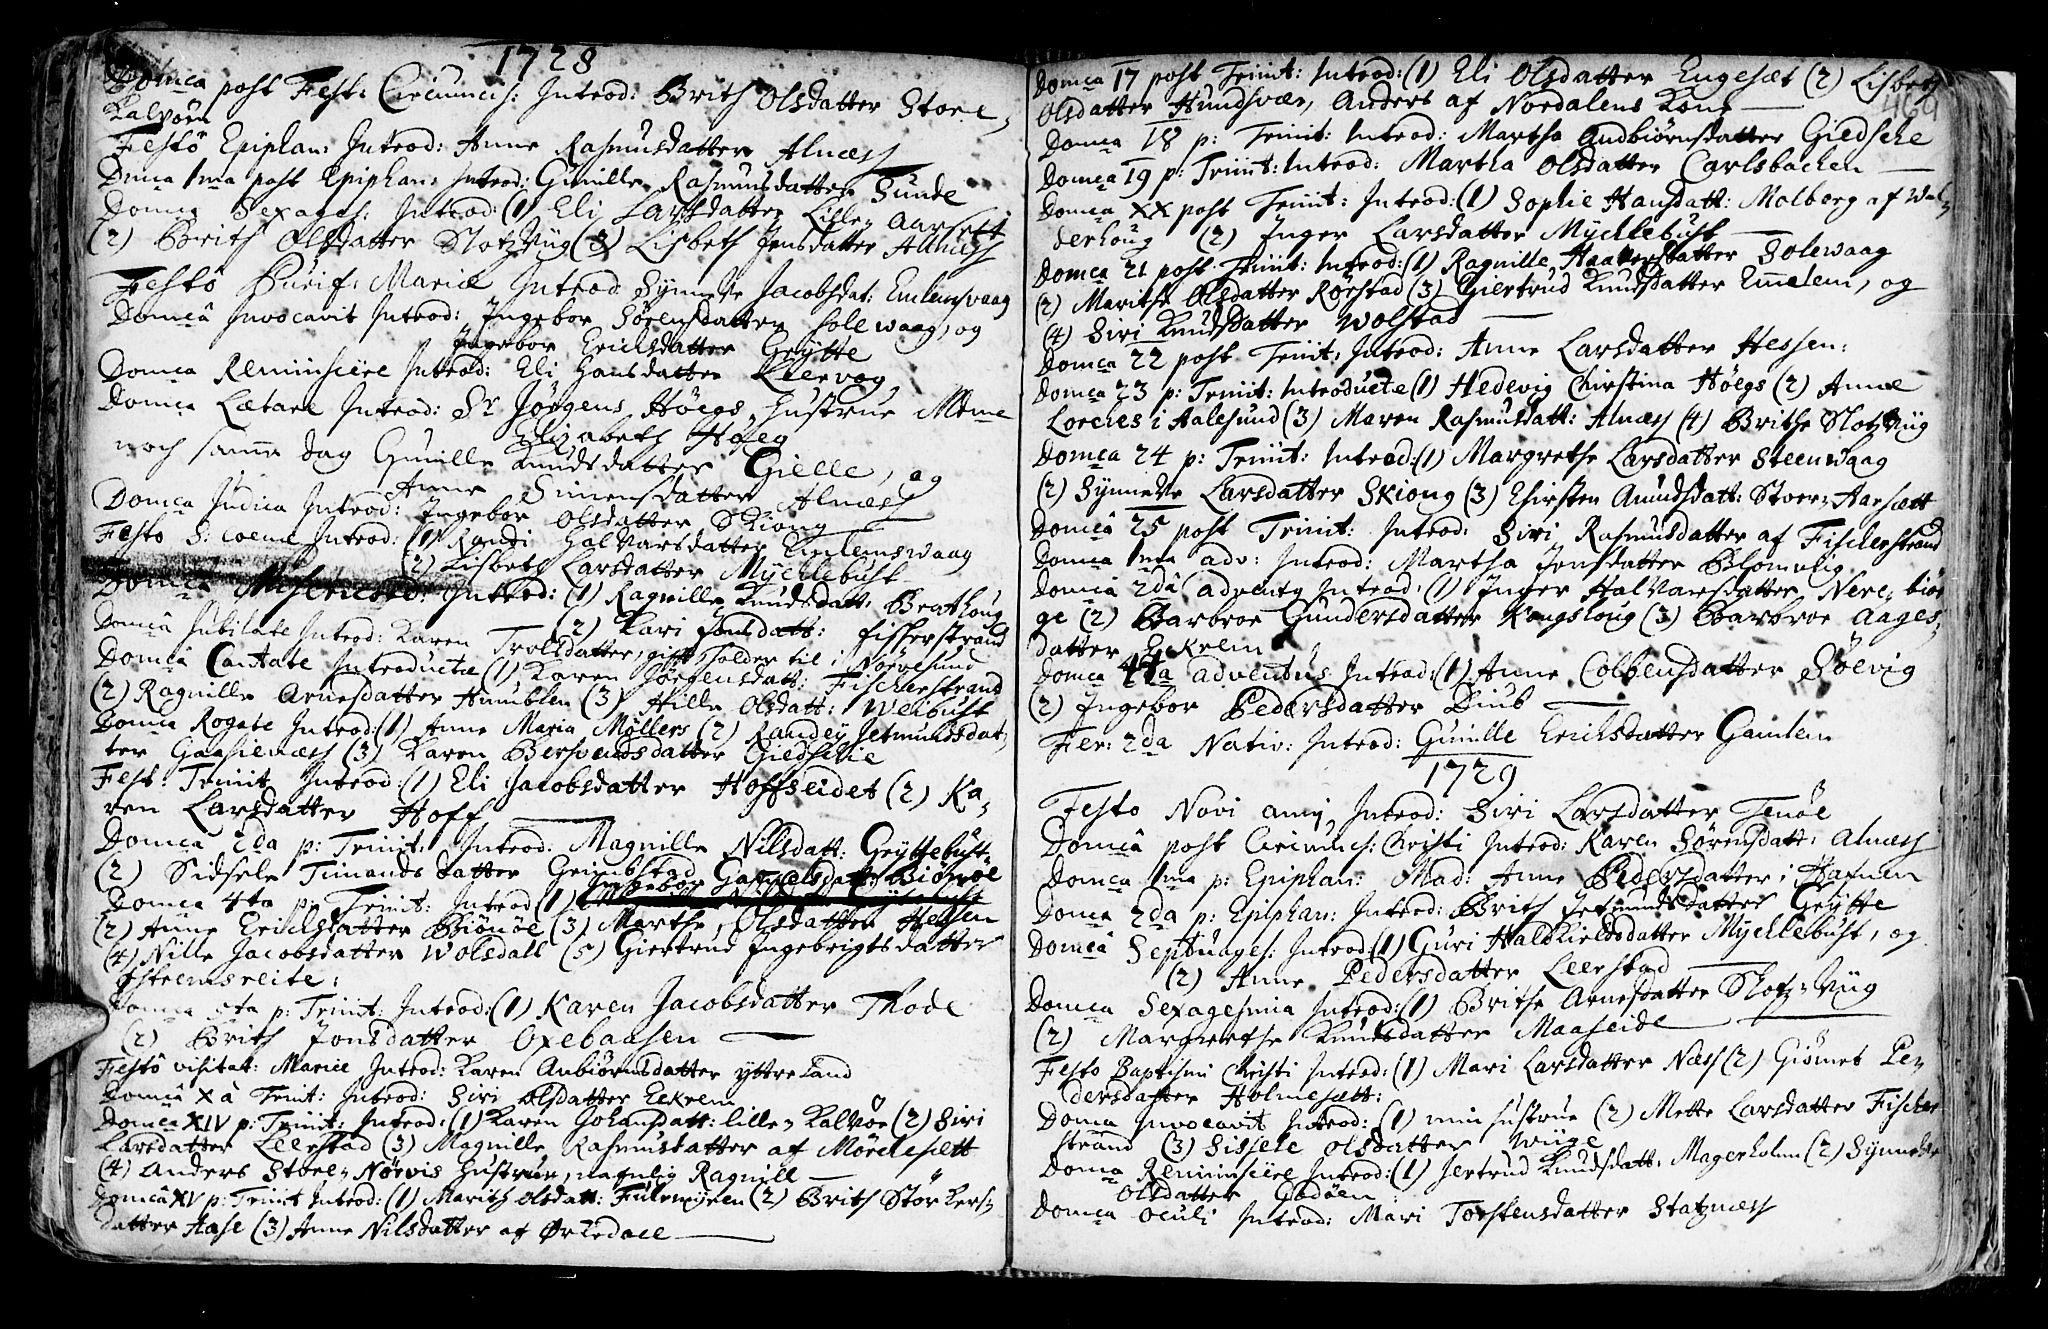 SAT, Ministerialprotokoller, klokkerbøker og fødselsregistre - Møre og Romsdal, 528/L0390: Ministerialbok nr. 528A01, 1698-1739, s. 468-469